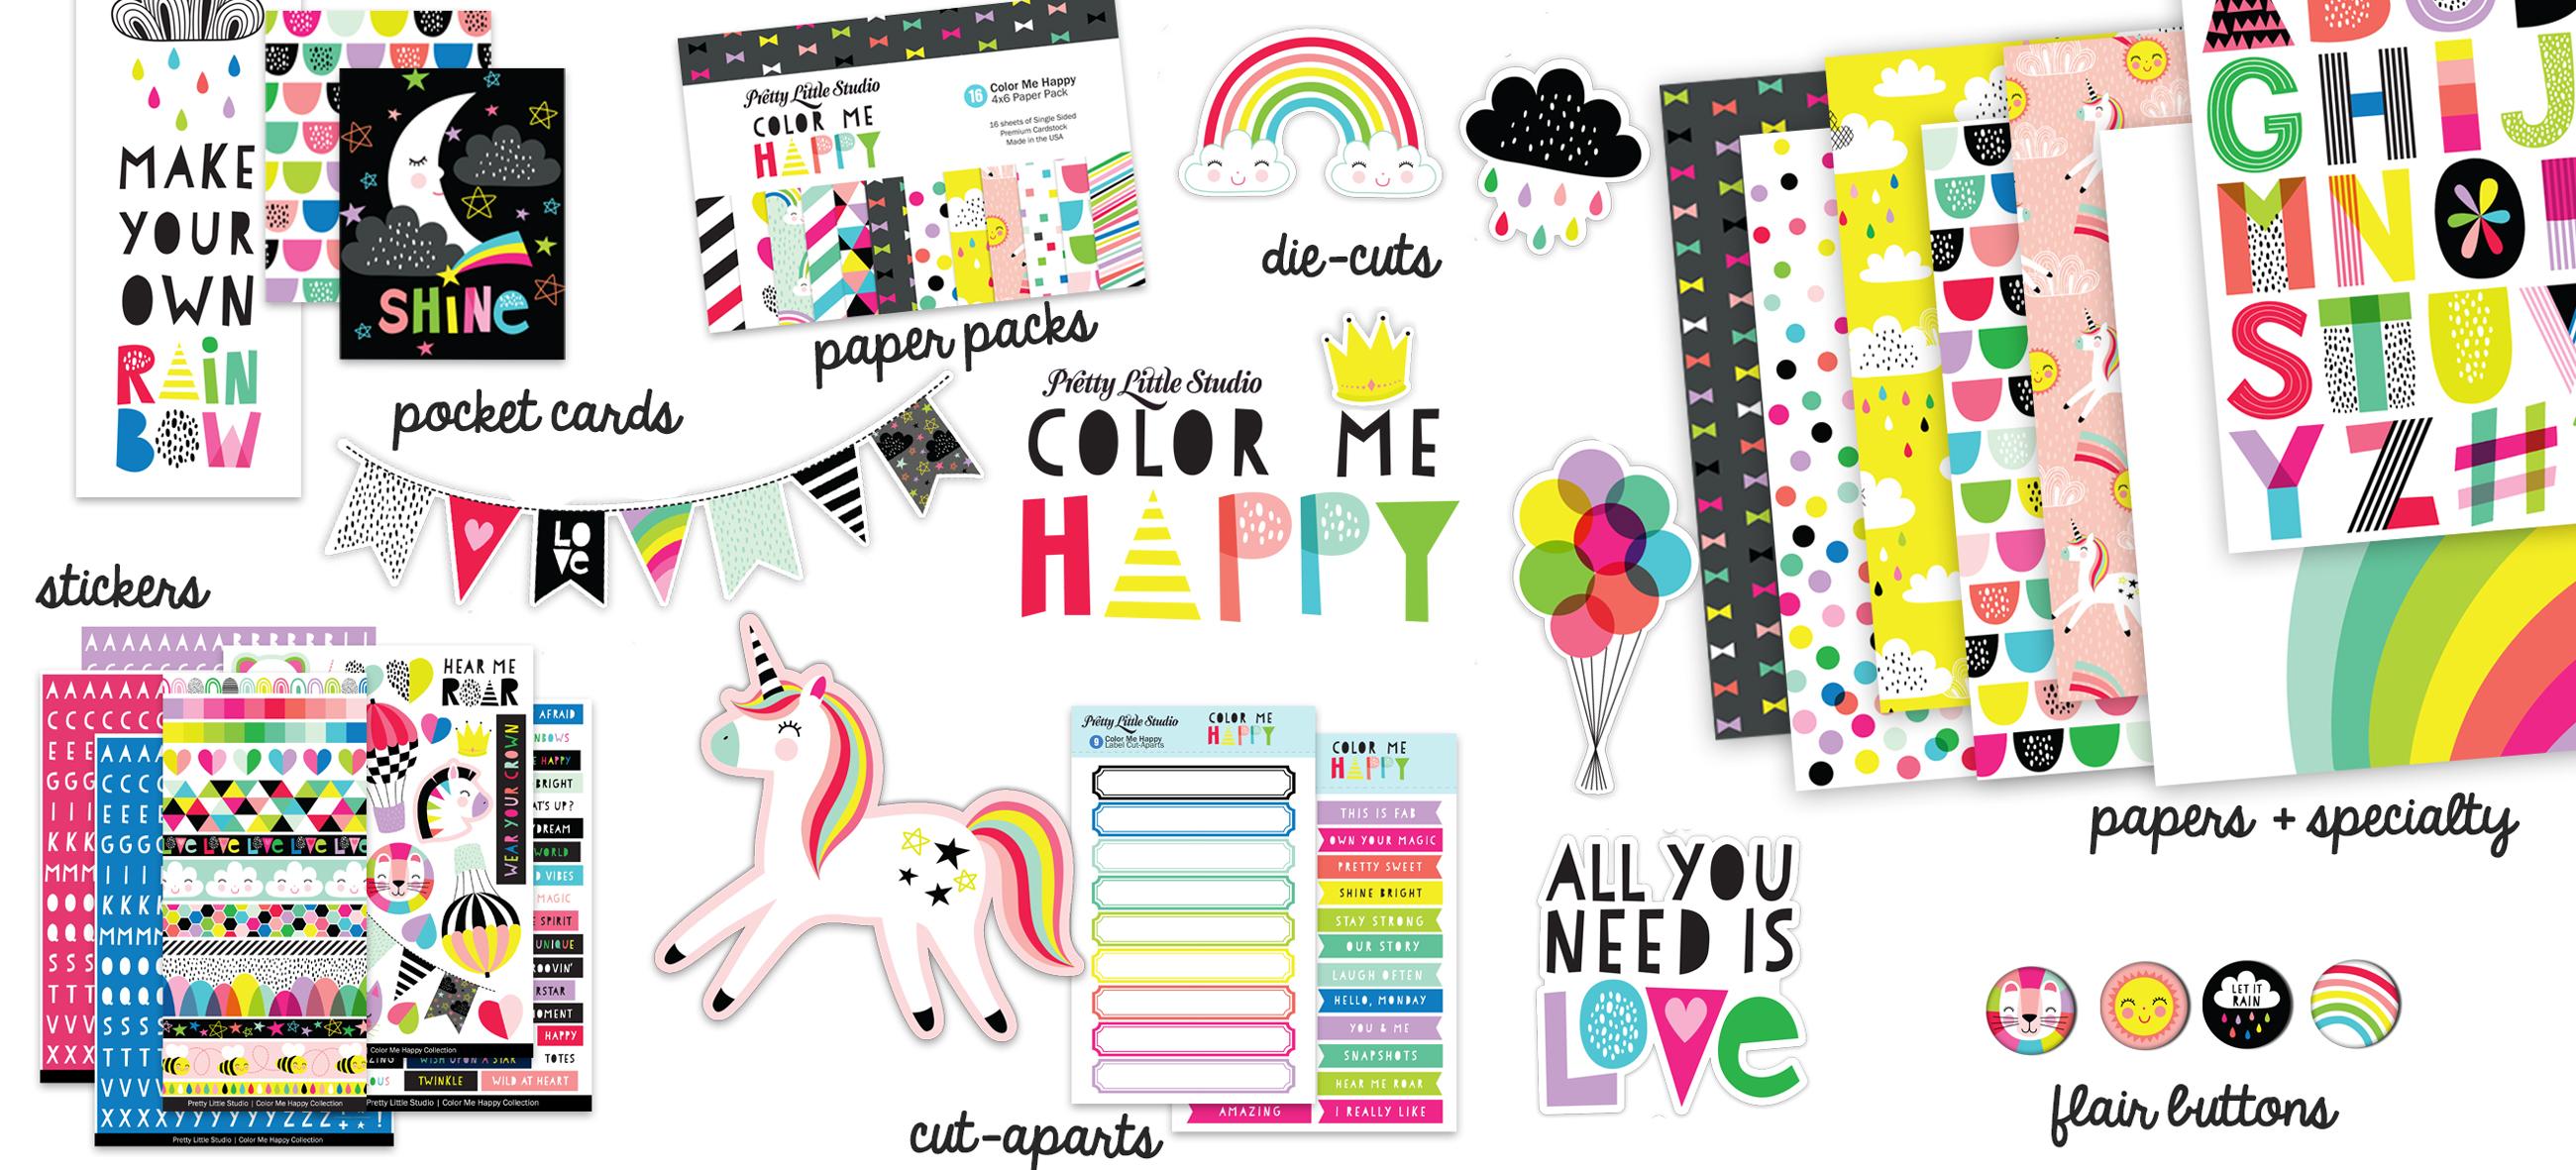 banner-colormehappy.jpg